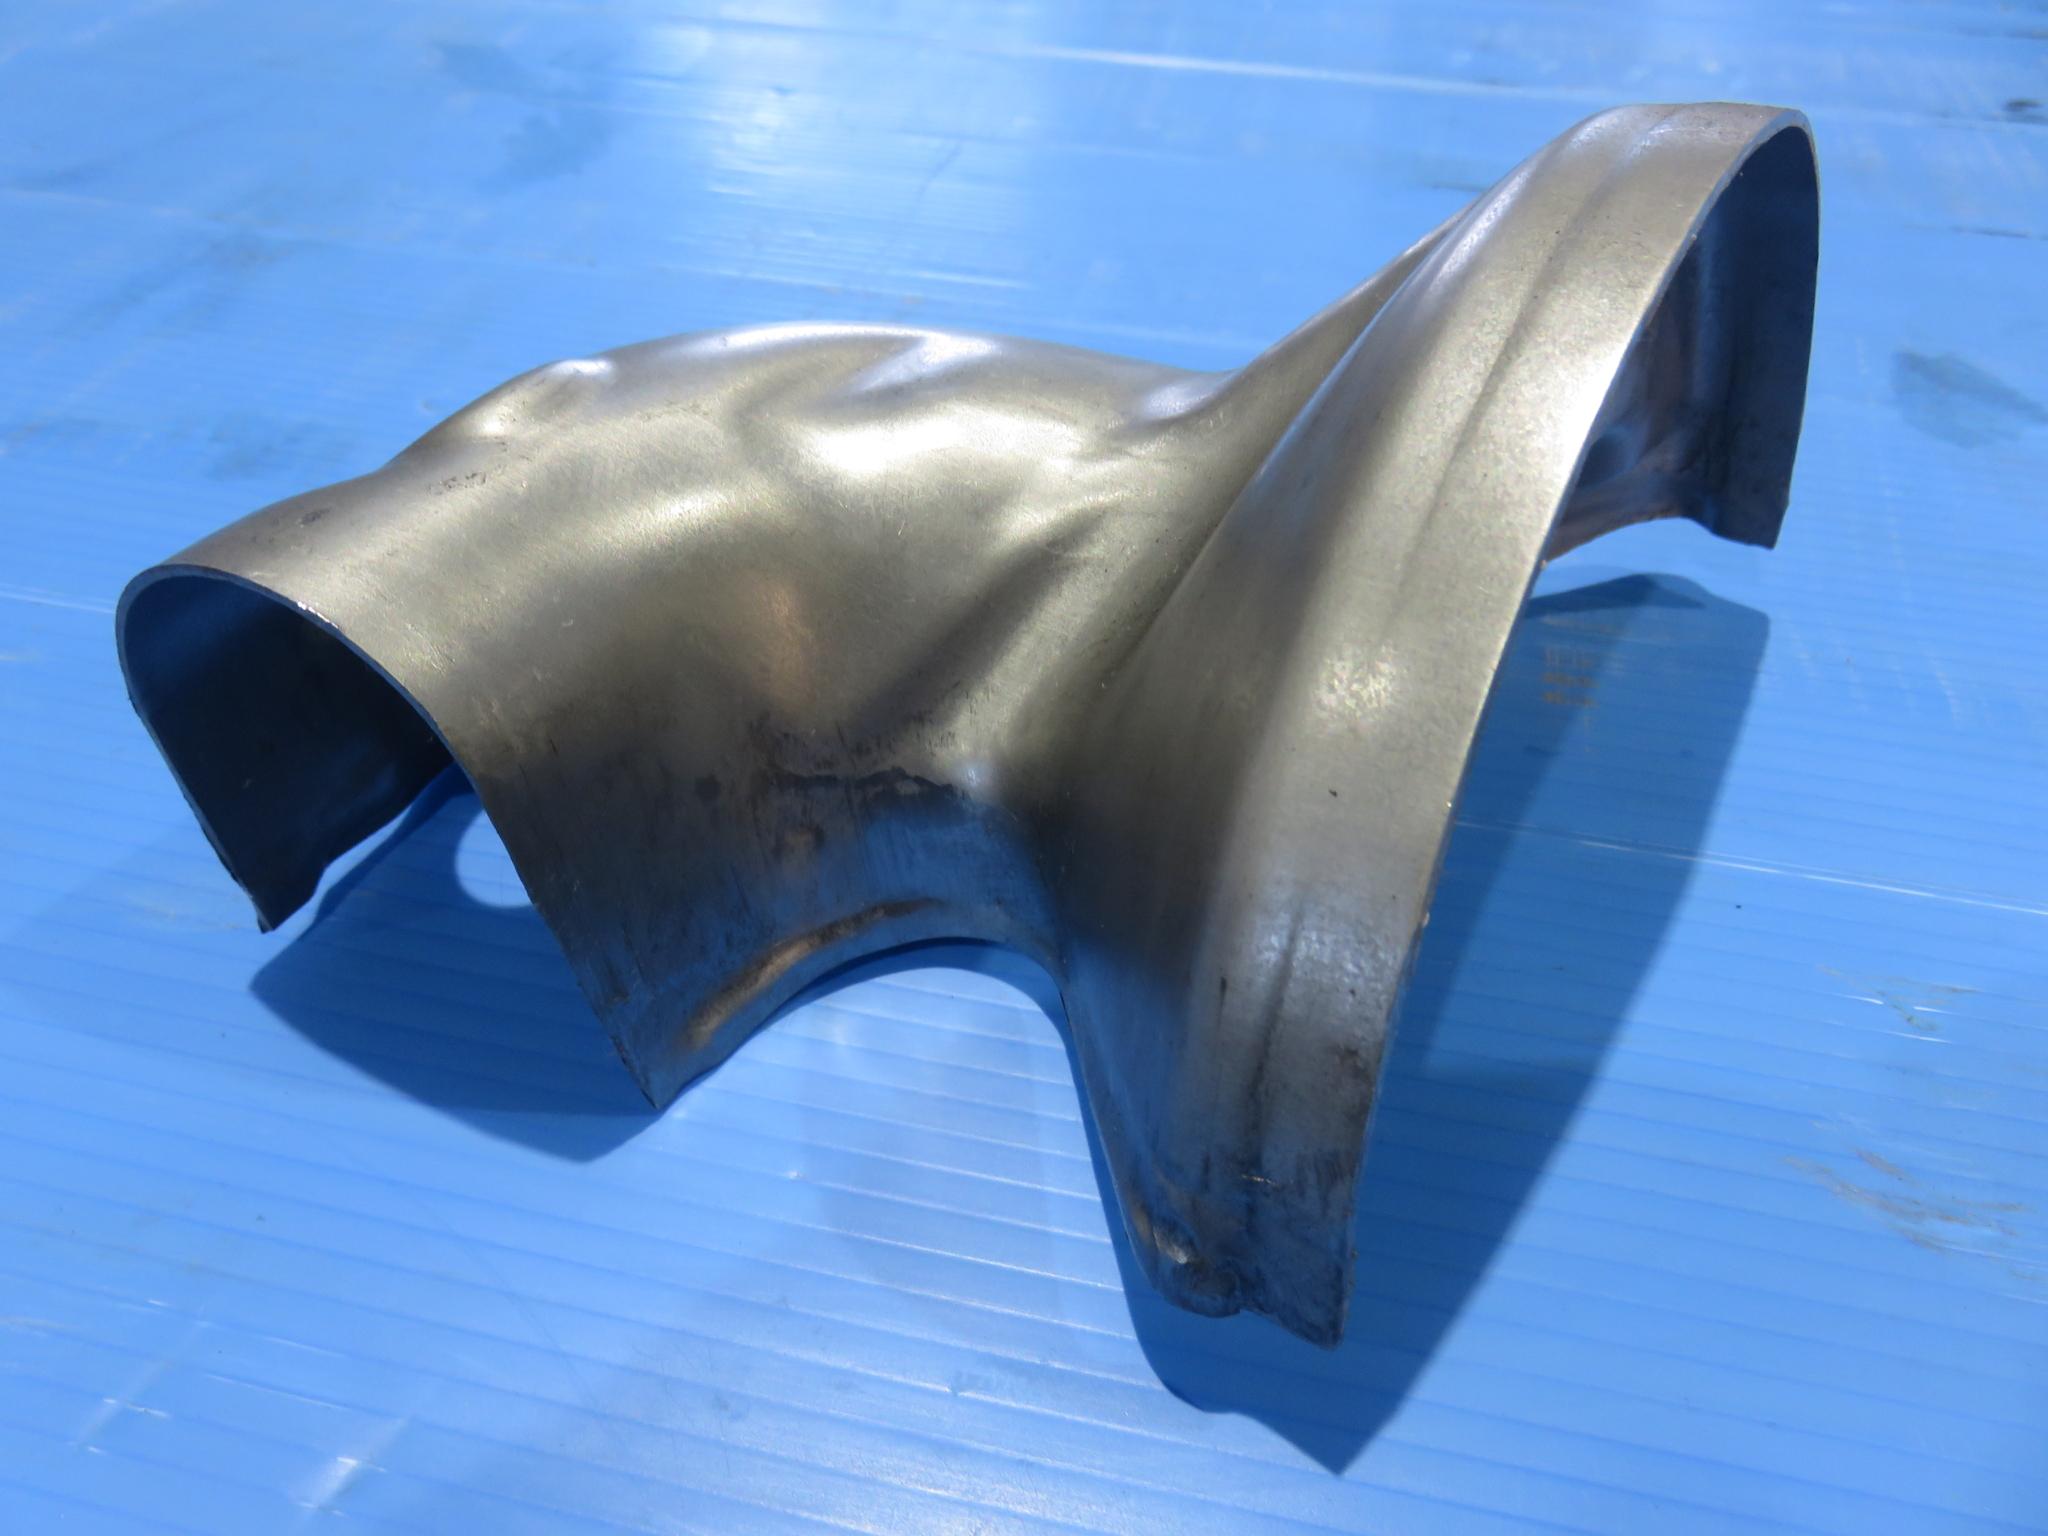 ステンレス鋼で板厚 1.5mm